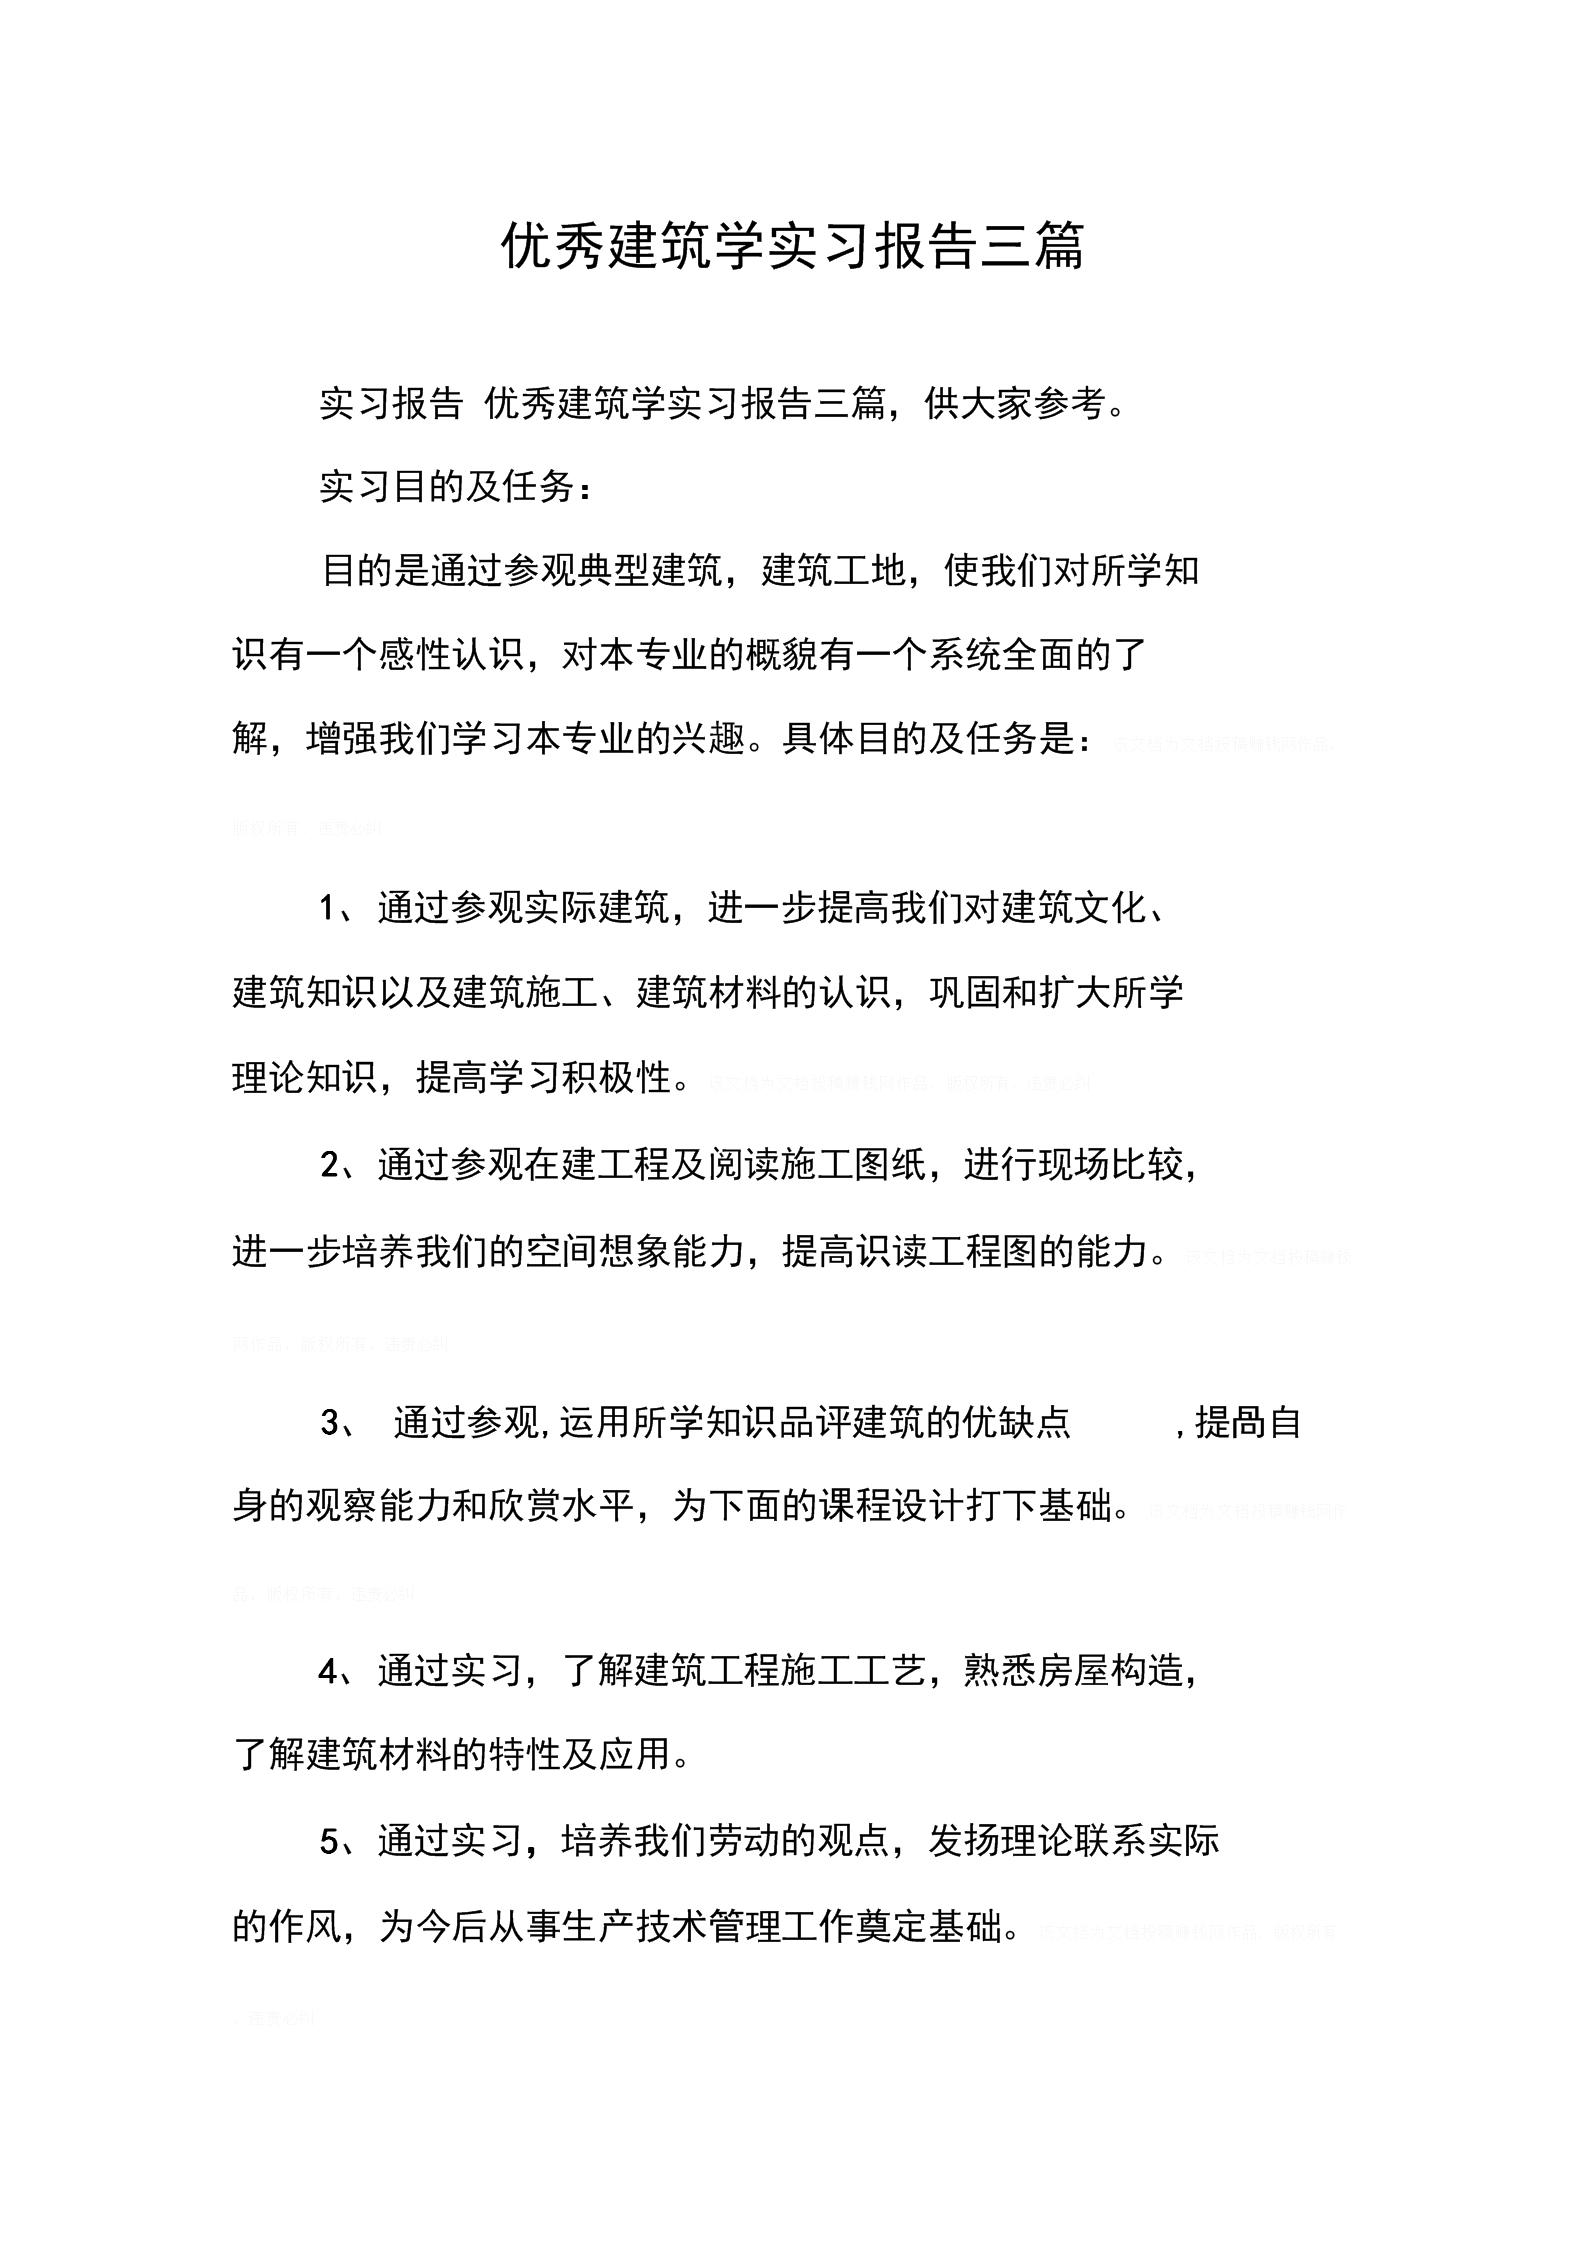 优秀建筑学实习报告三篇.docx